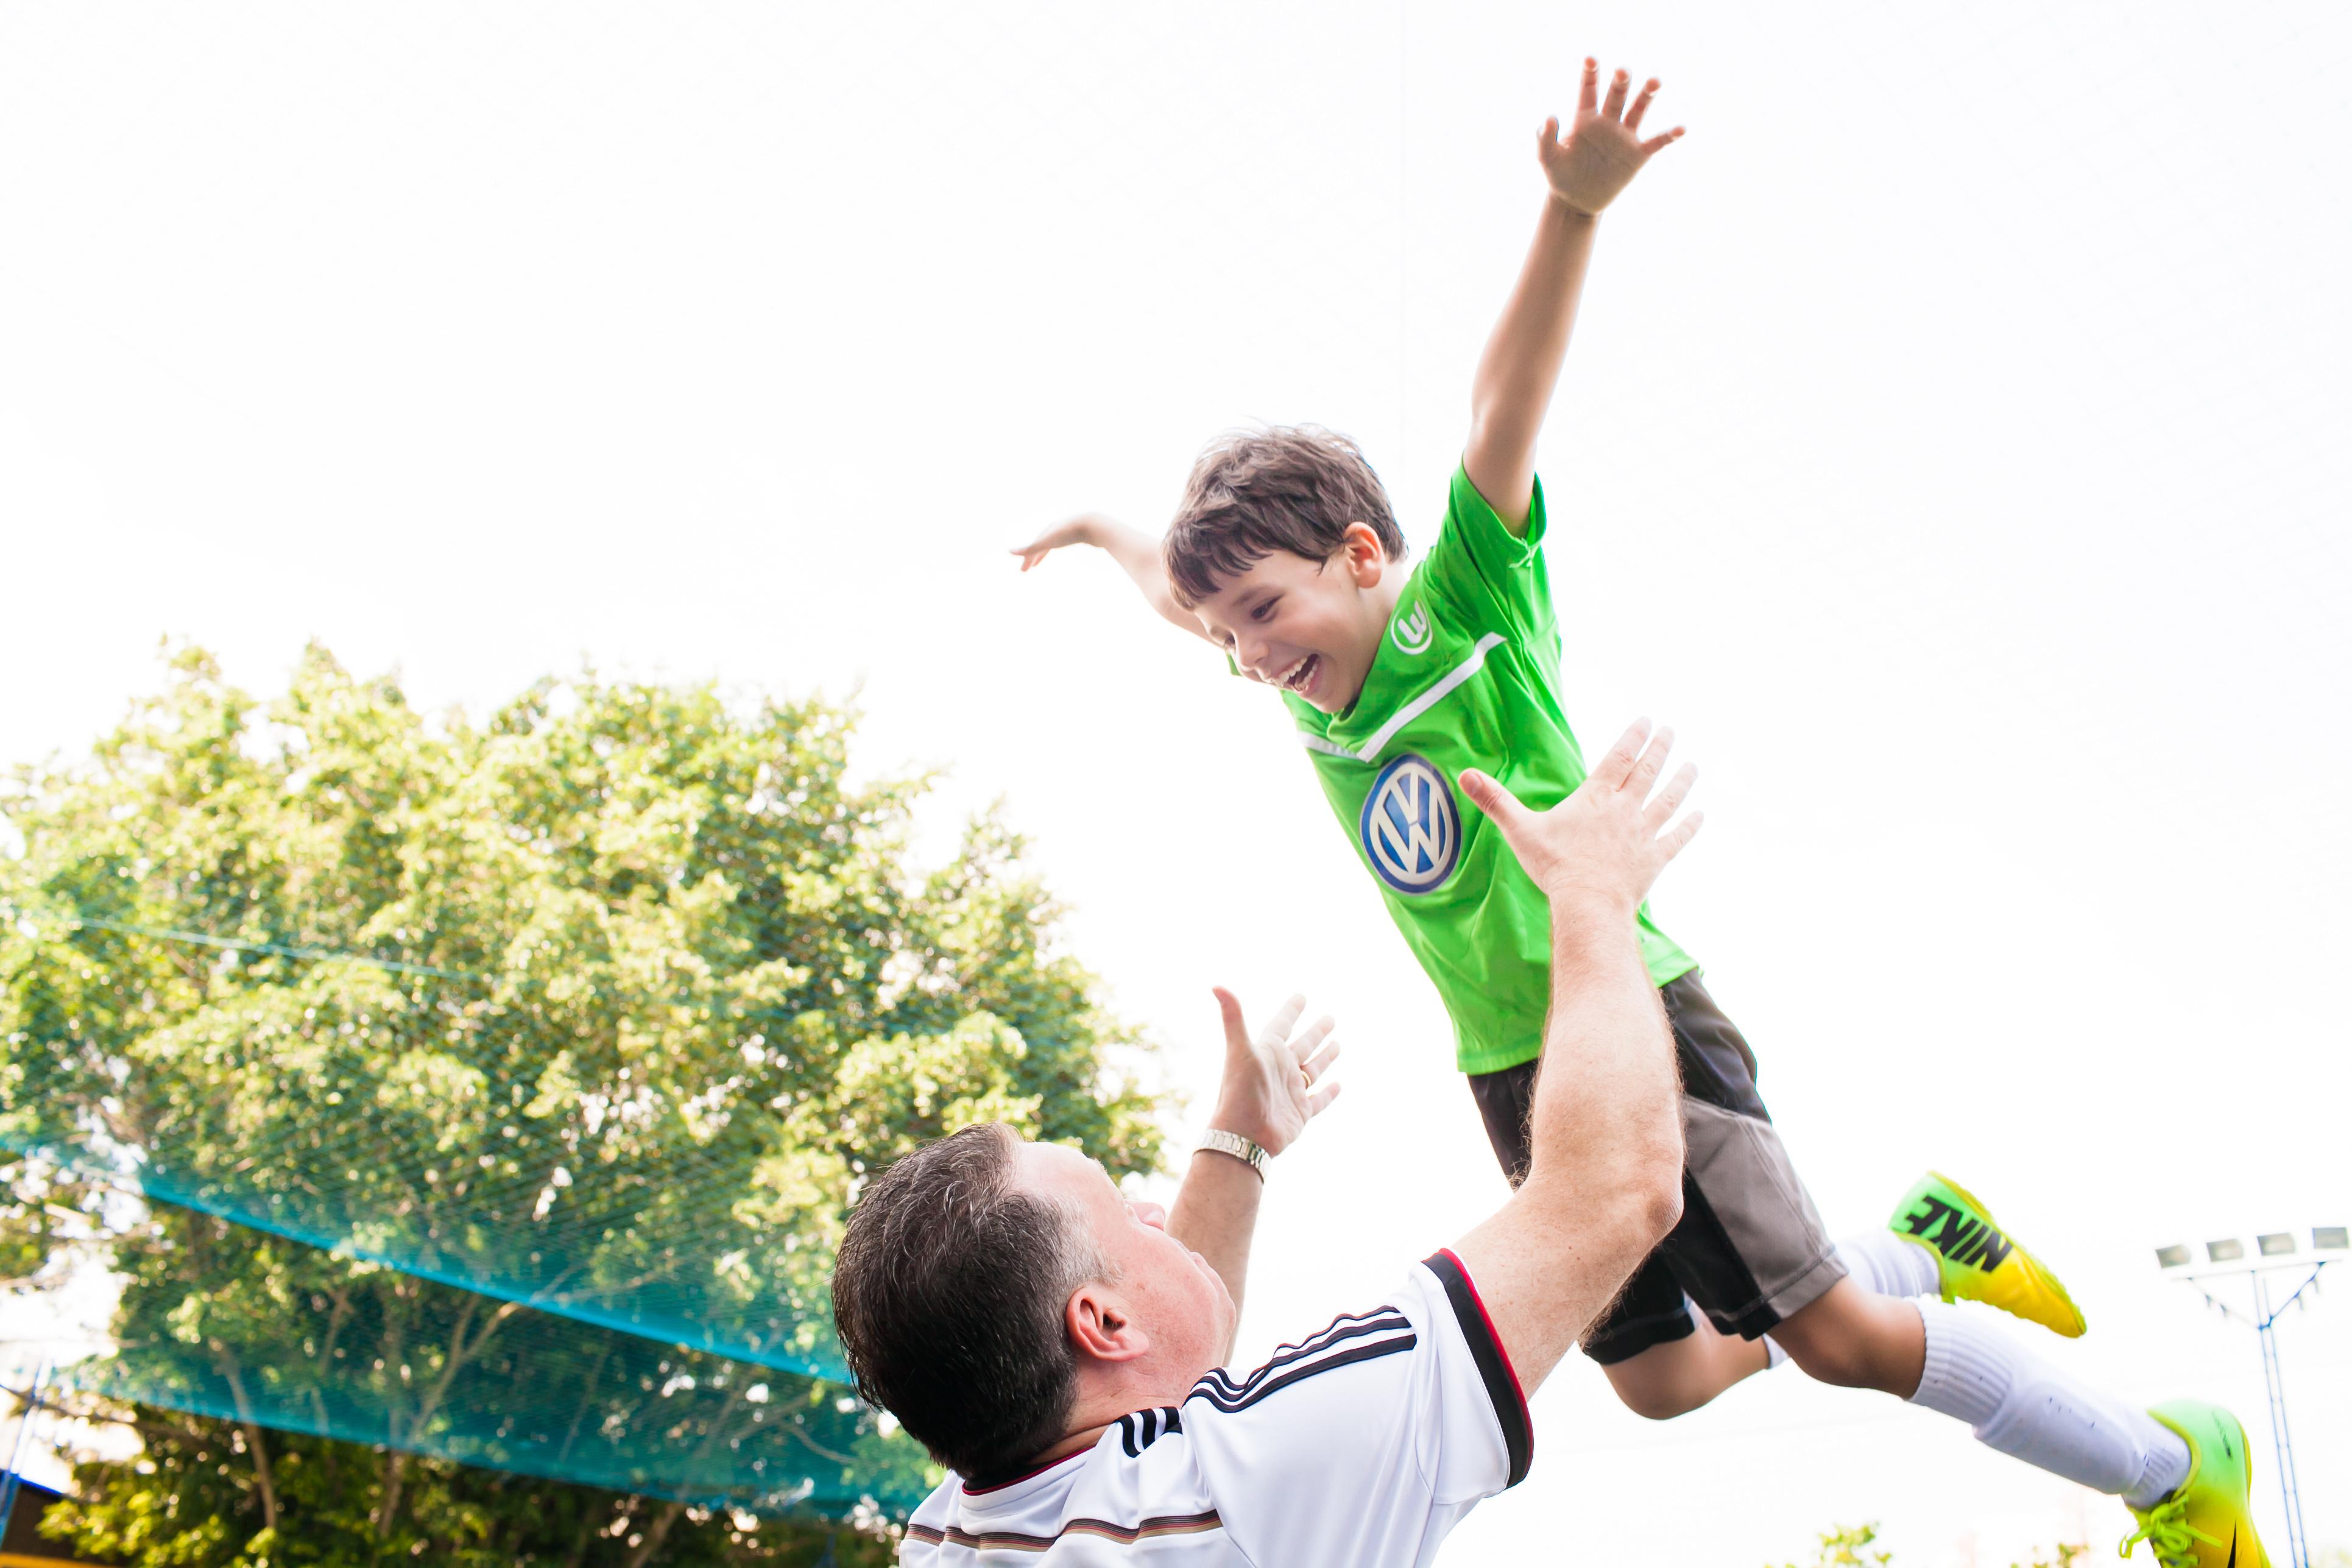 ritaruiz-fotografia-festa-futebol